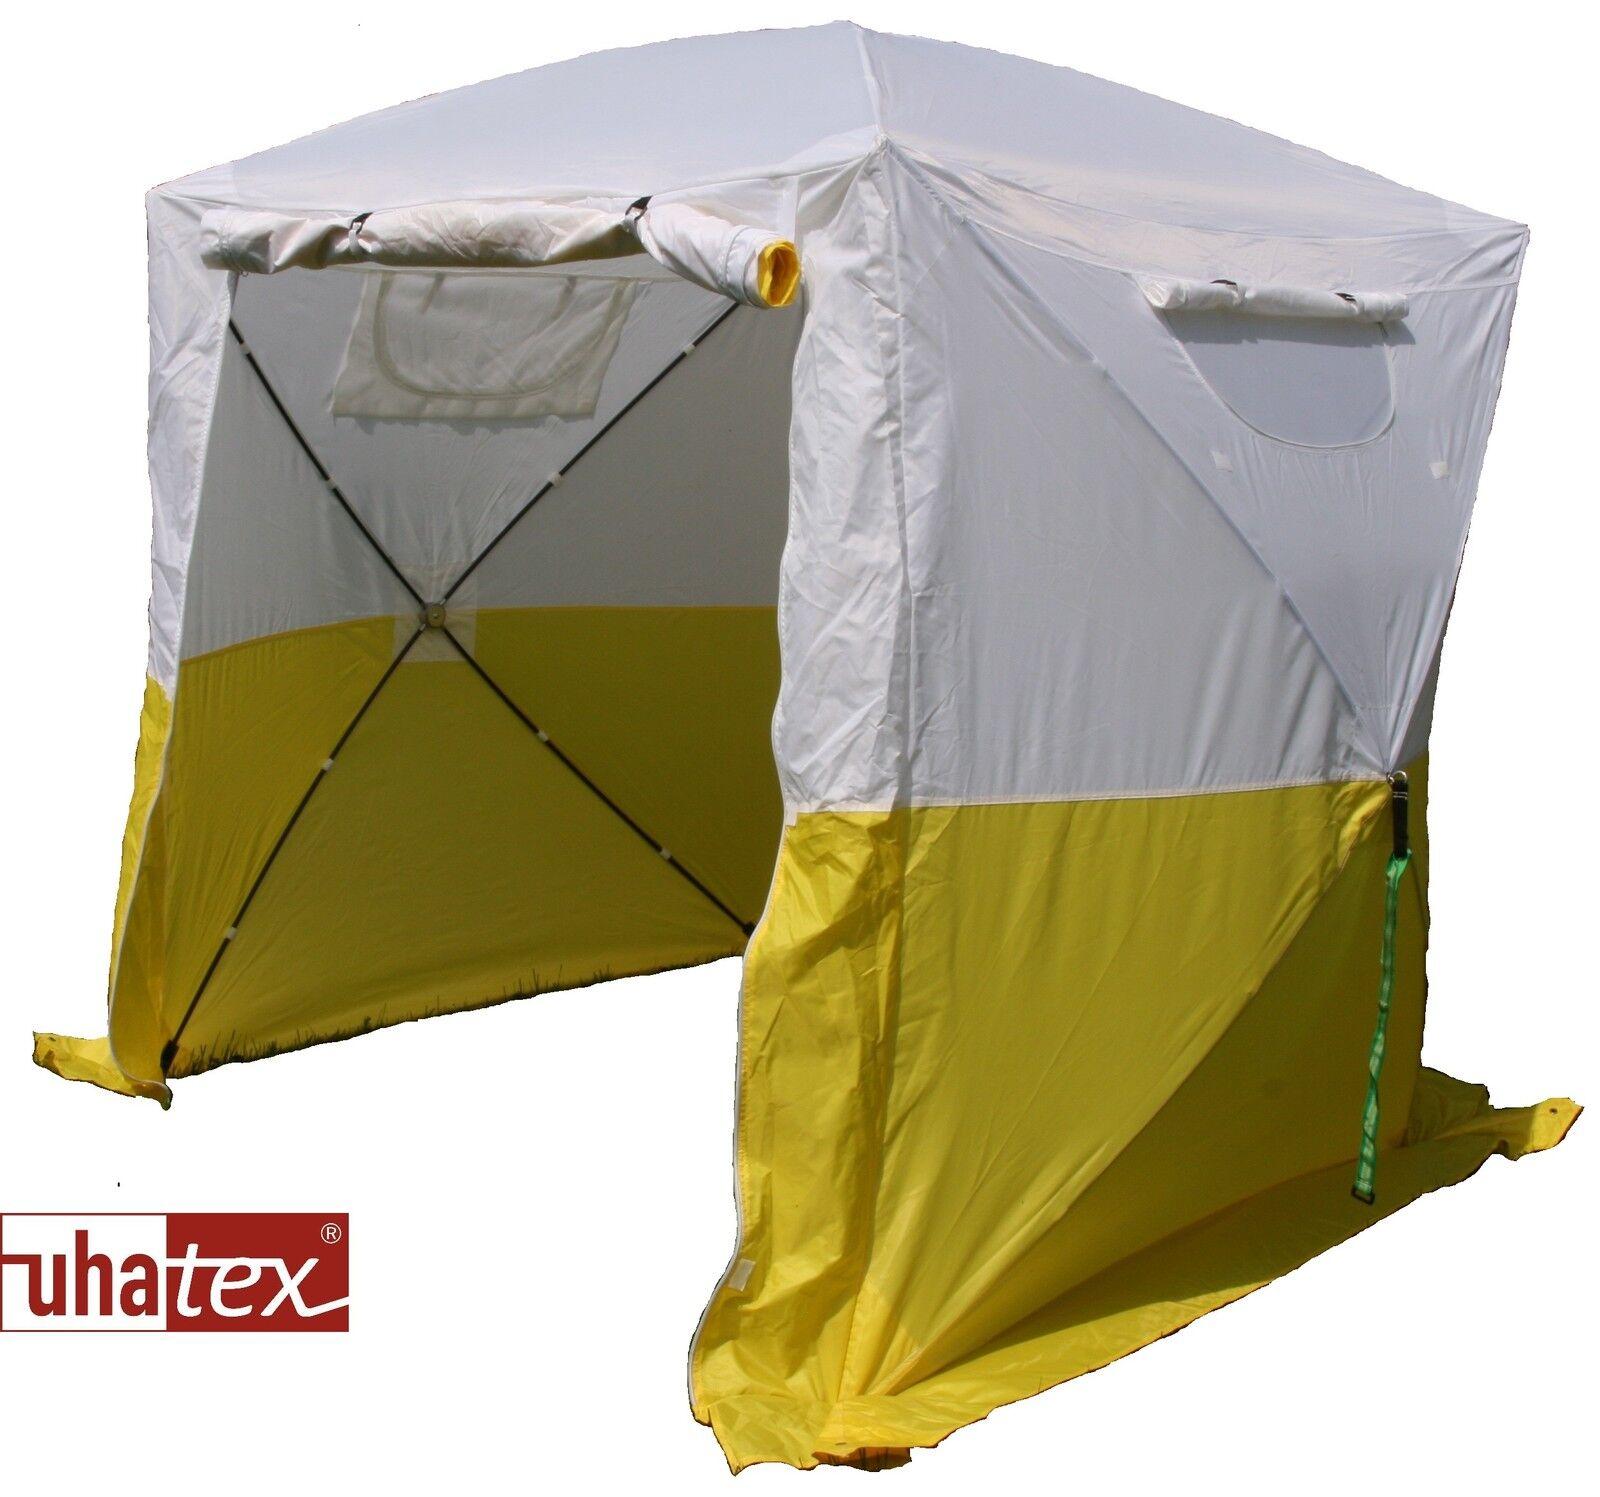 Il tempo libero e montaggio tenda faciluominite e in 30 secondi faci, BiancoGituttio